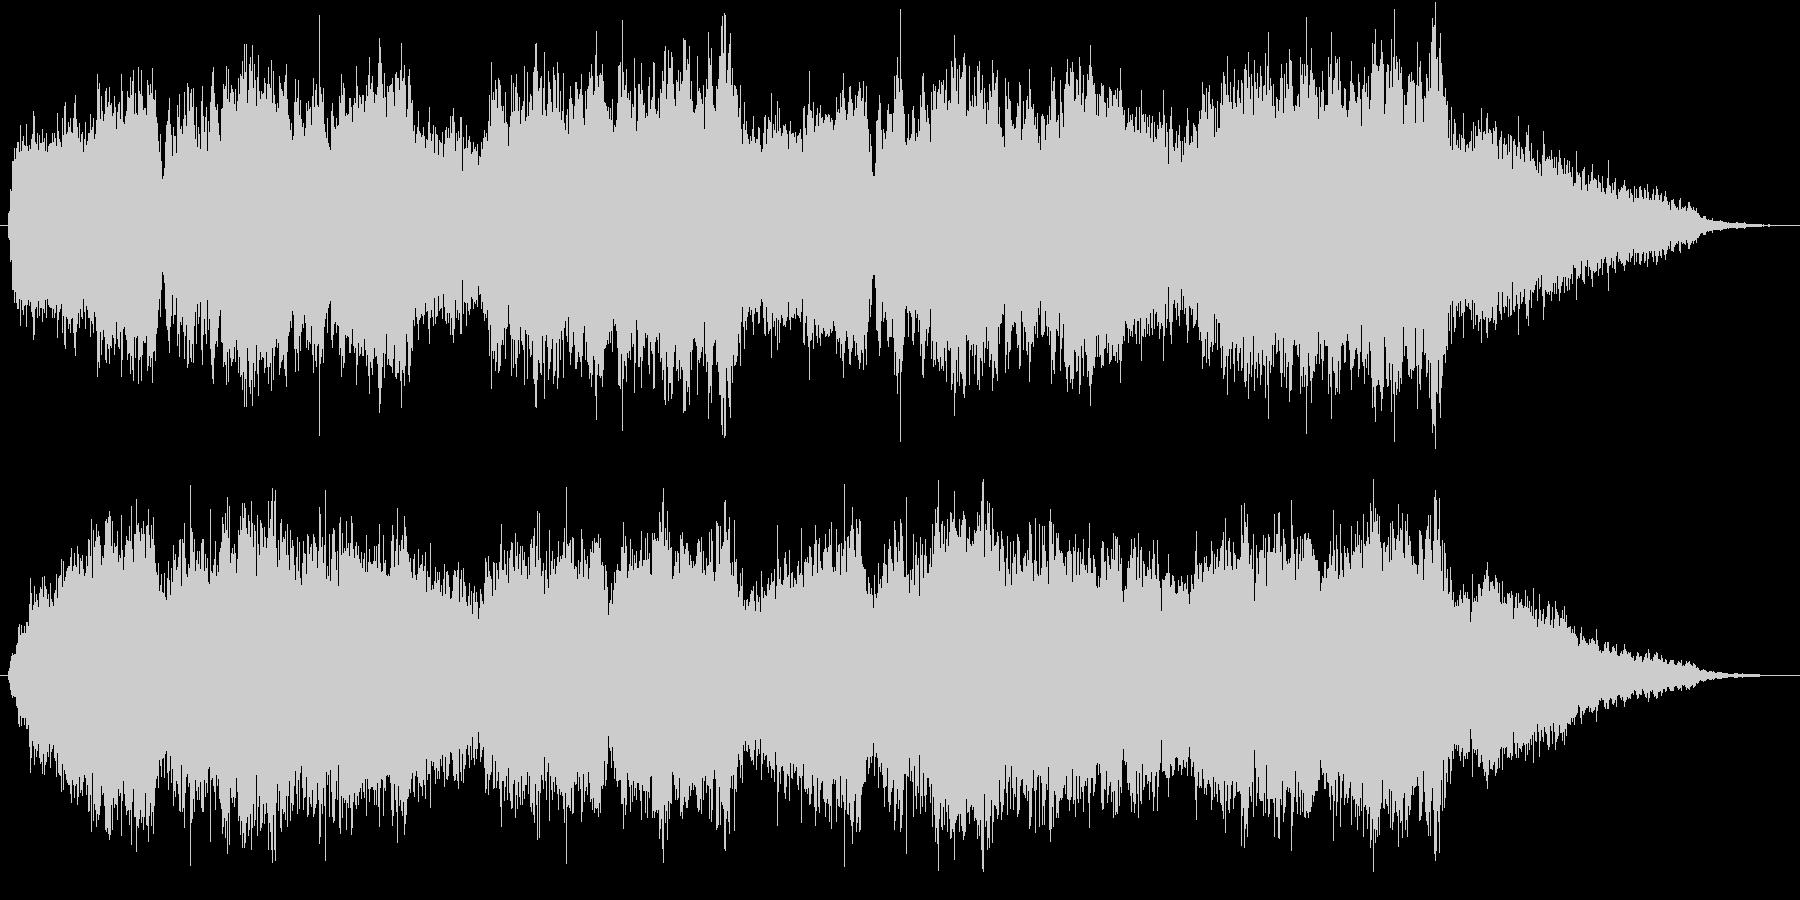 海辺の風(リラックス)【オーケストラ】の未再生の波形